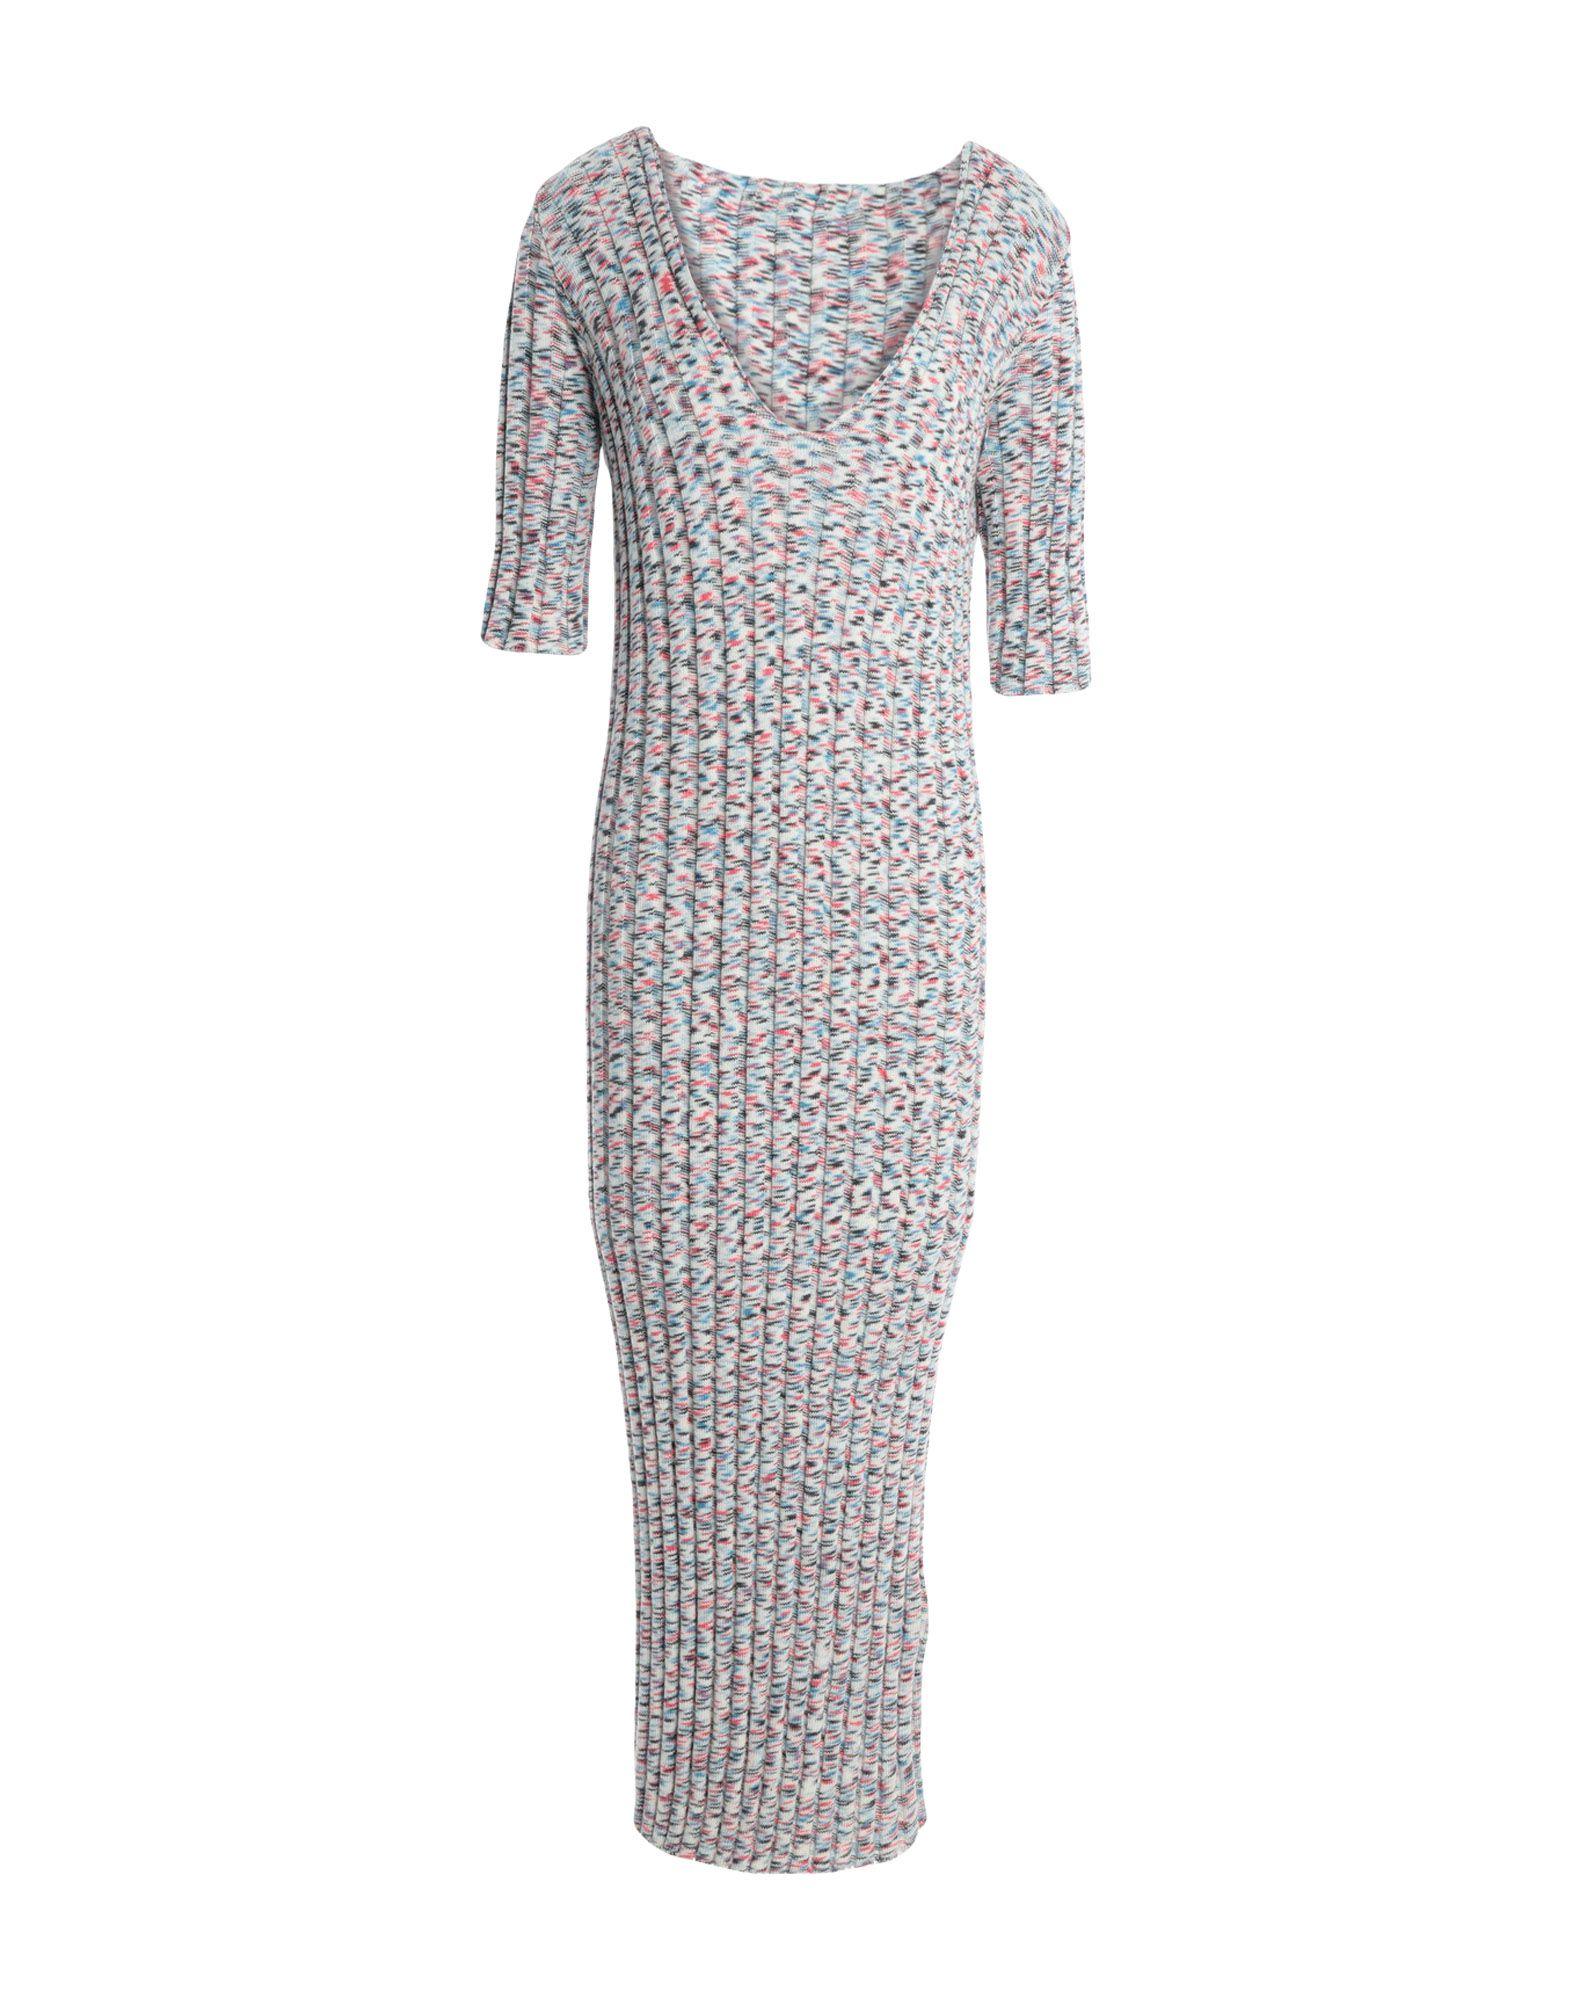 JUCCA Платье длиной 3/4 revise платье длиной 3 4